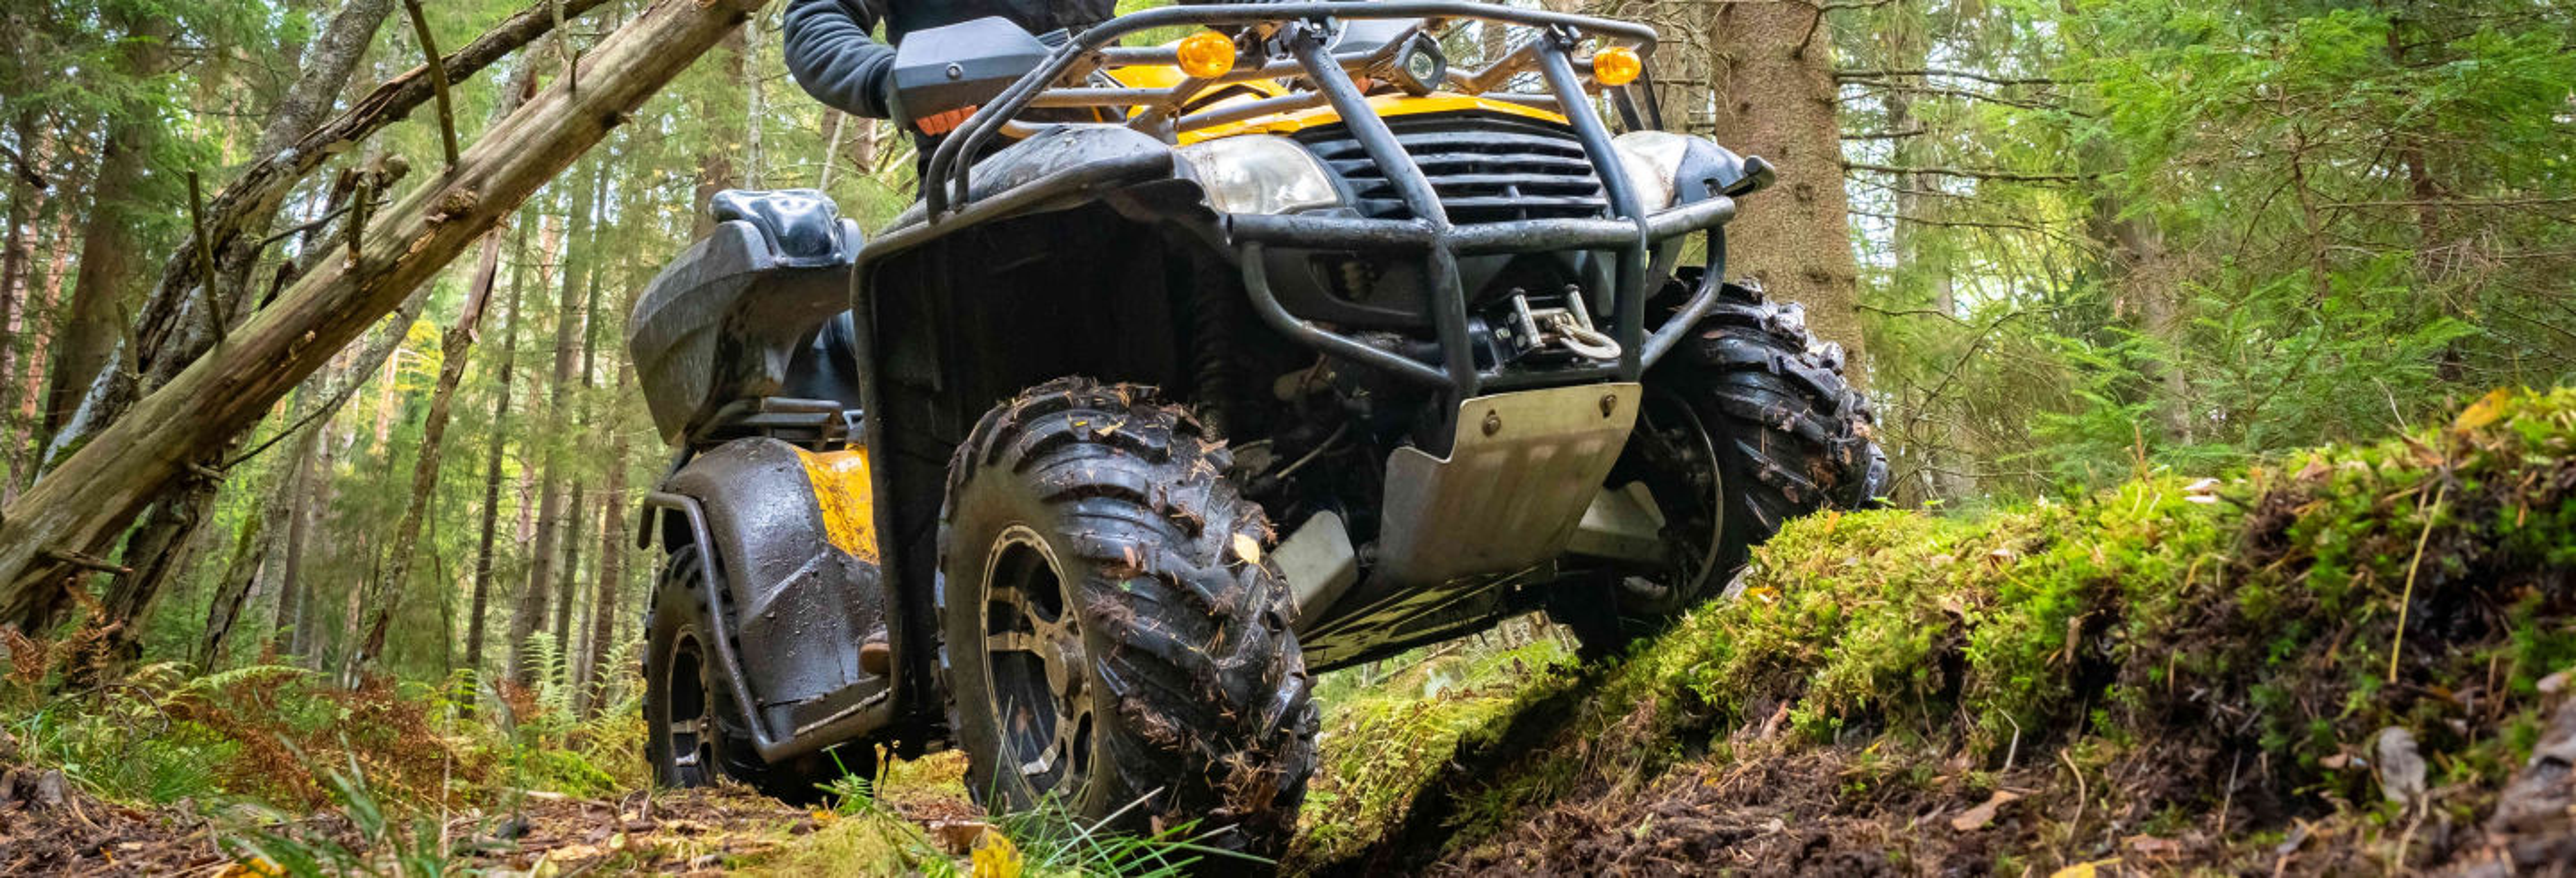 Tour en quad por la Sierra Madre